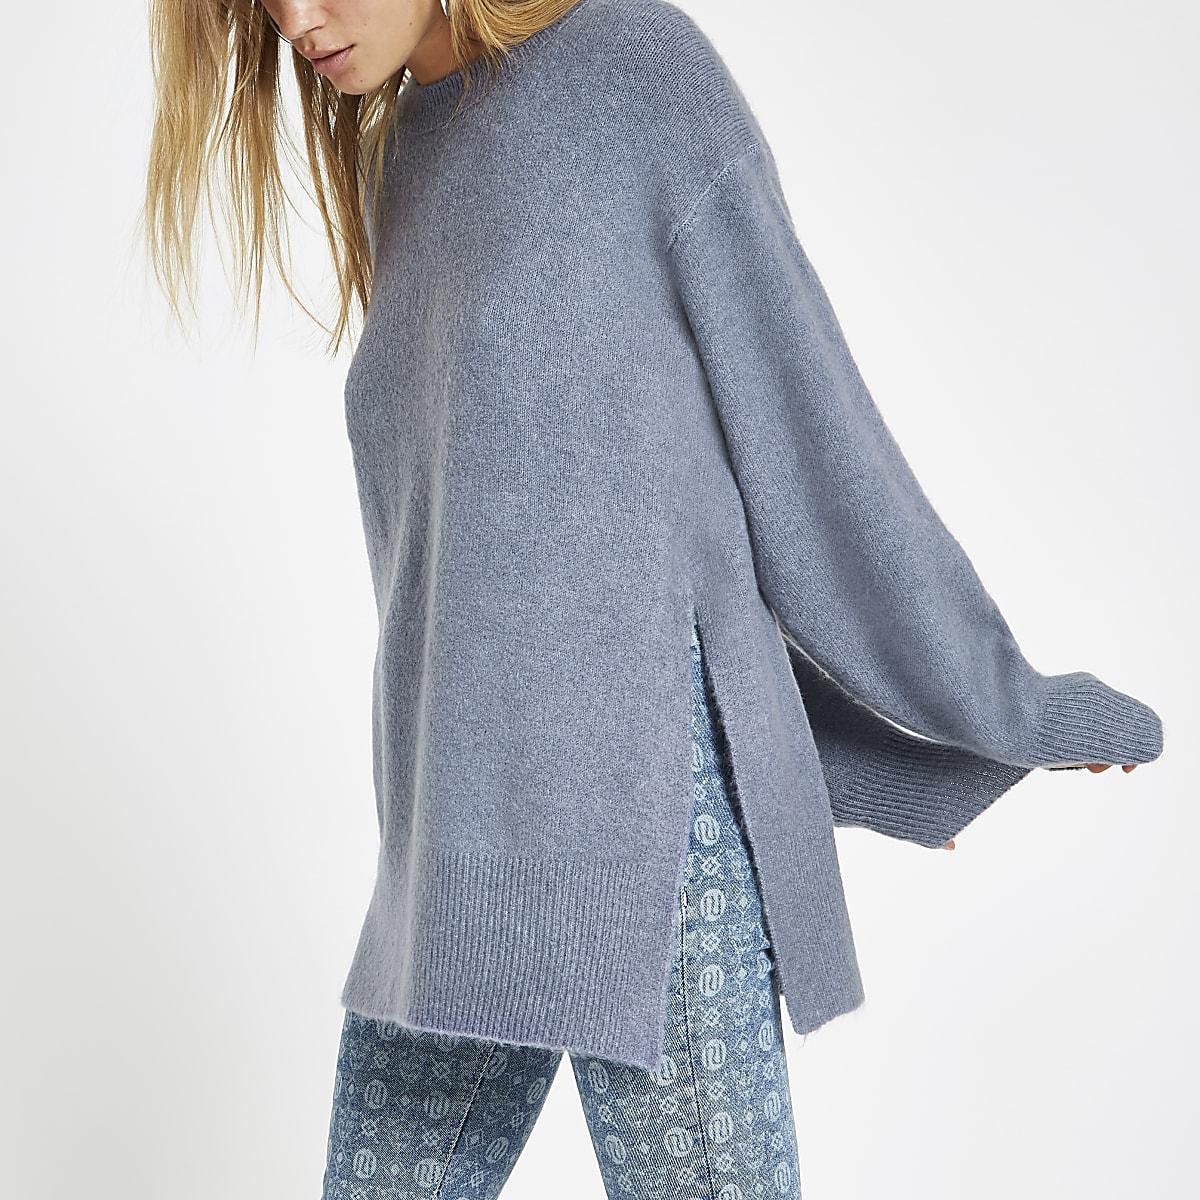 Blauwe gebreide pullover met split opzij